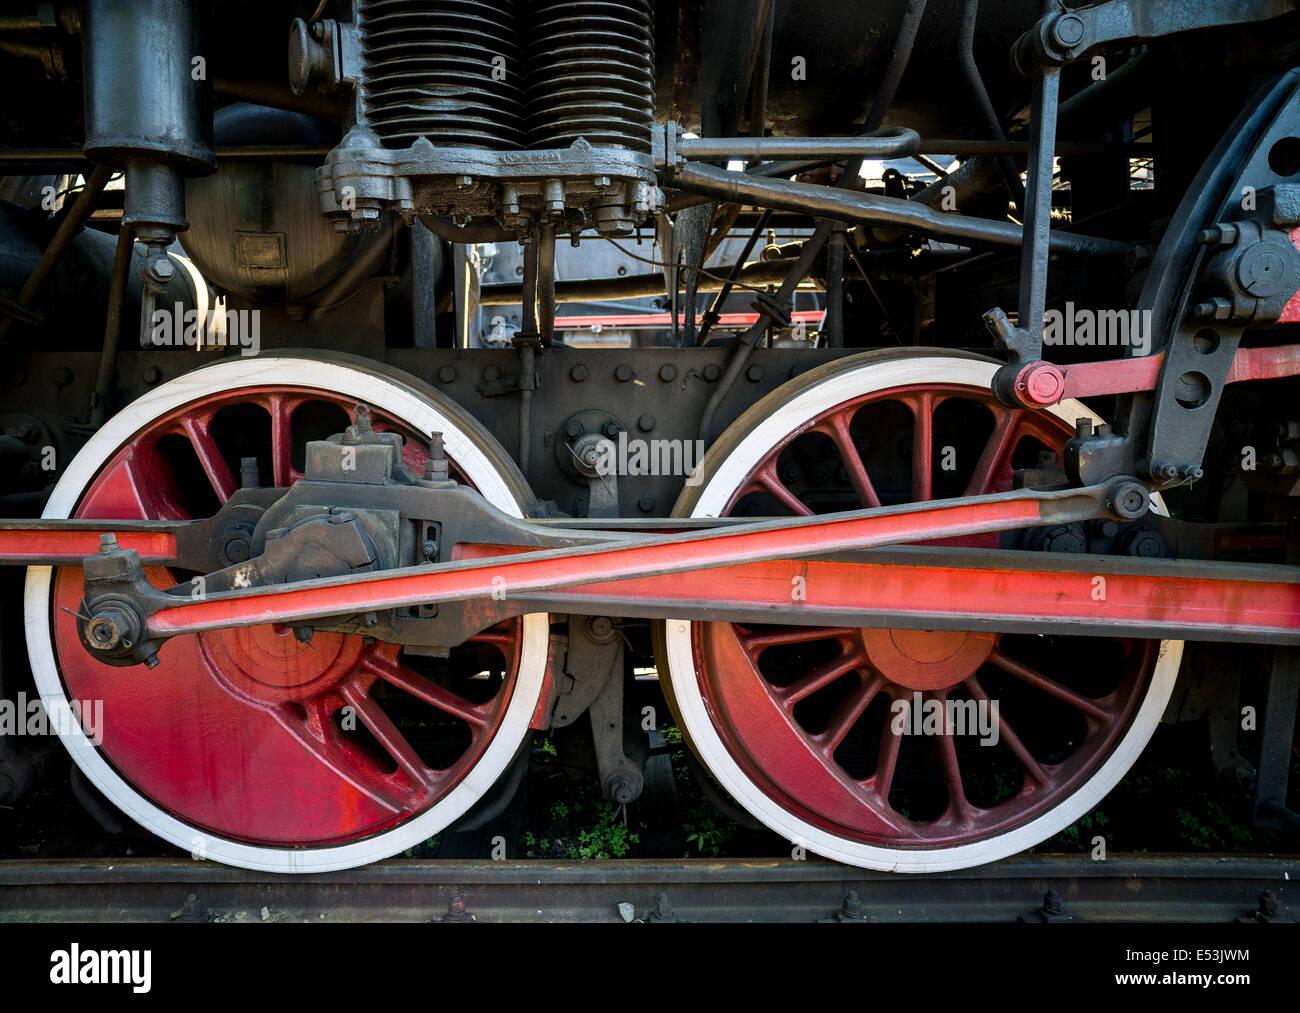 Old steam engine locomotive propulsion mechanism wheels